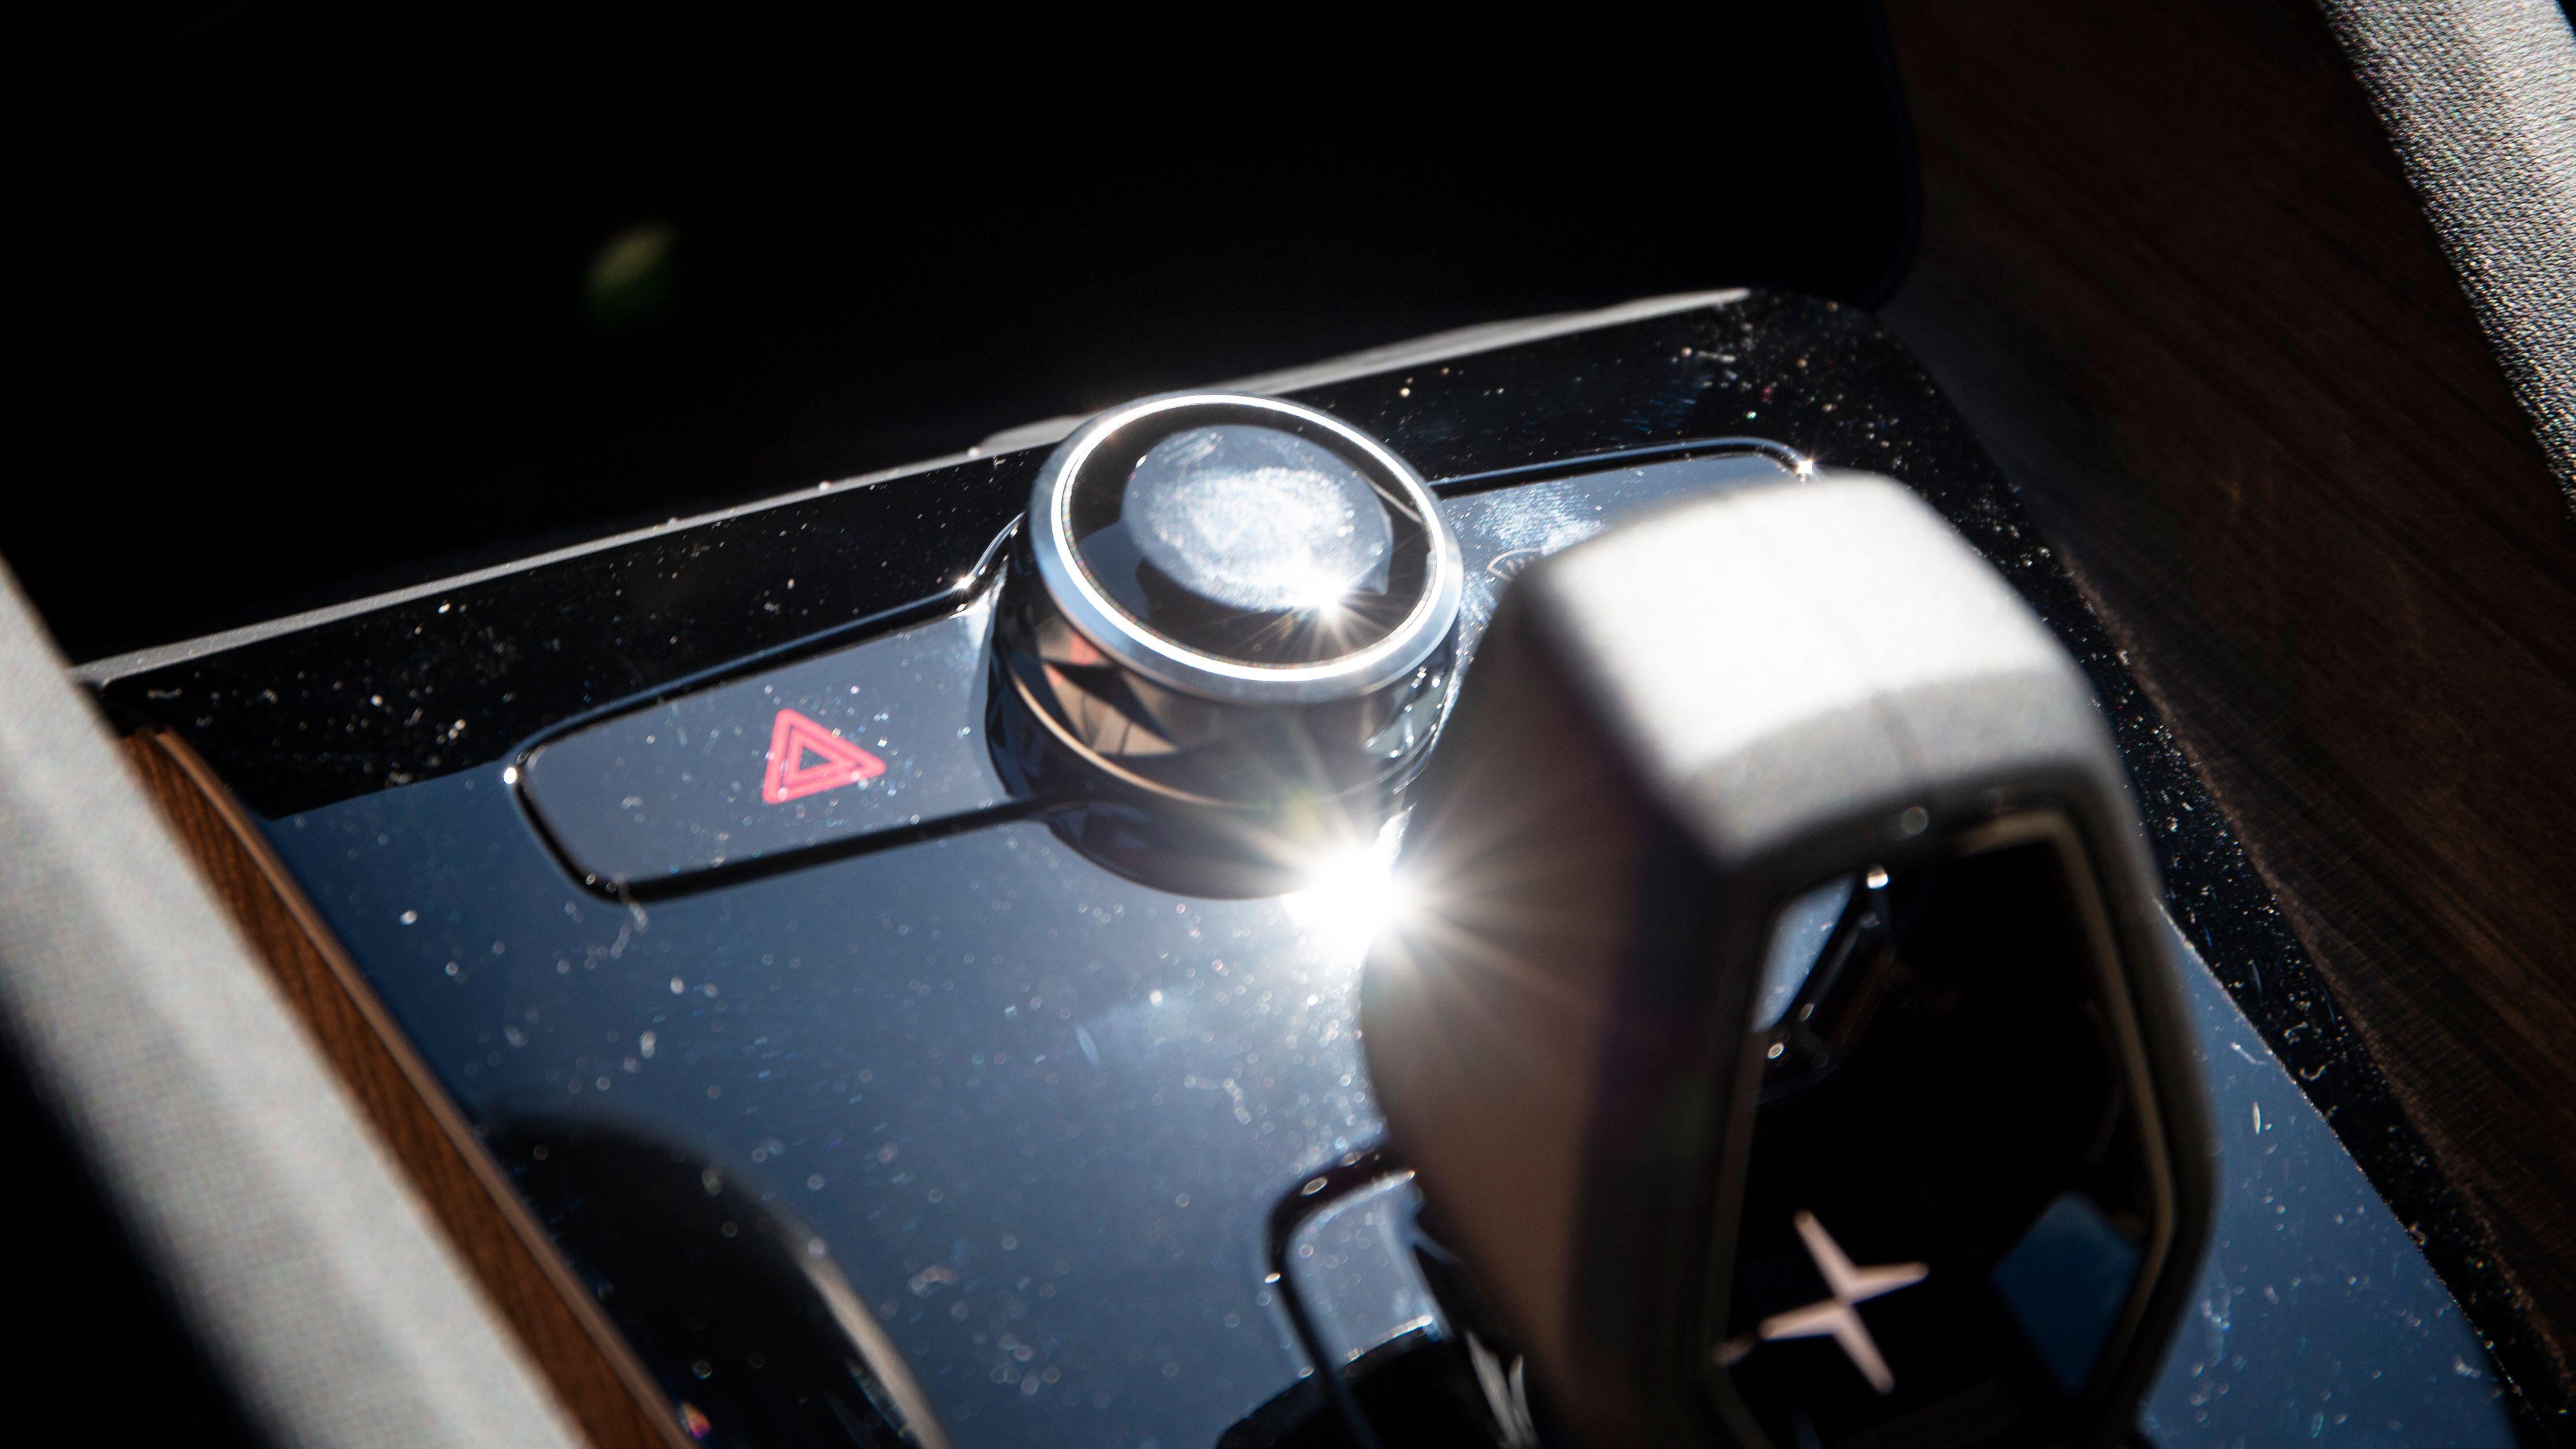 Når sola står høyt på himmelen reflekteres den rett i det blanke belegget rundt «girspaken». Rett i øynene på føreren.